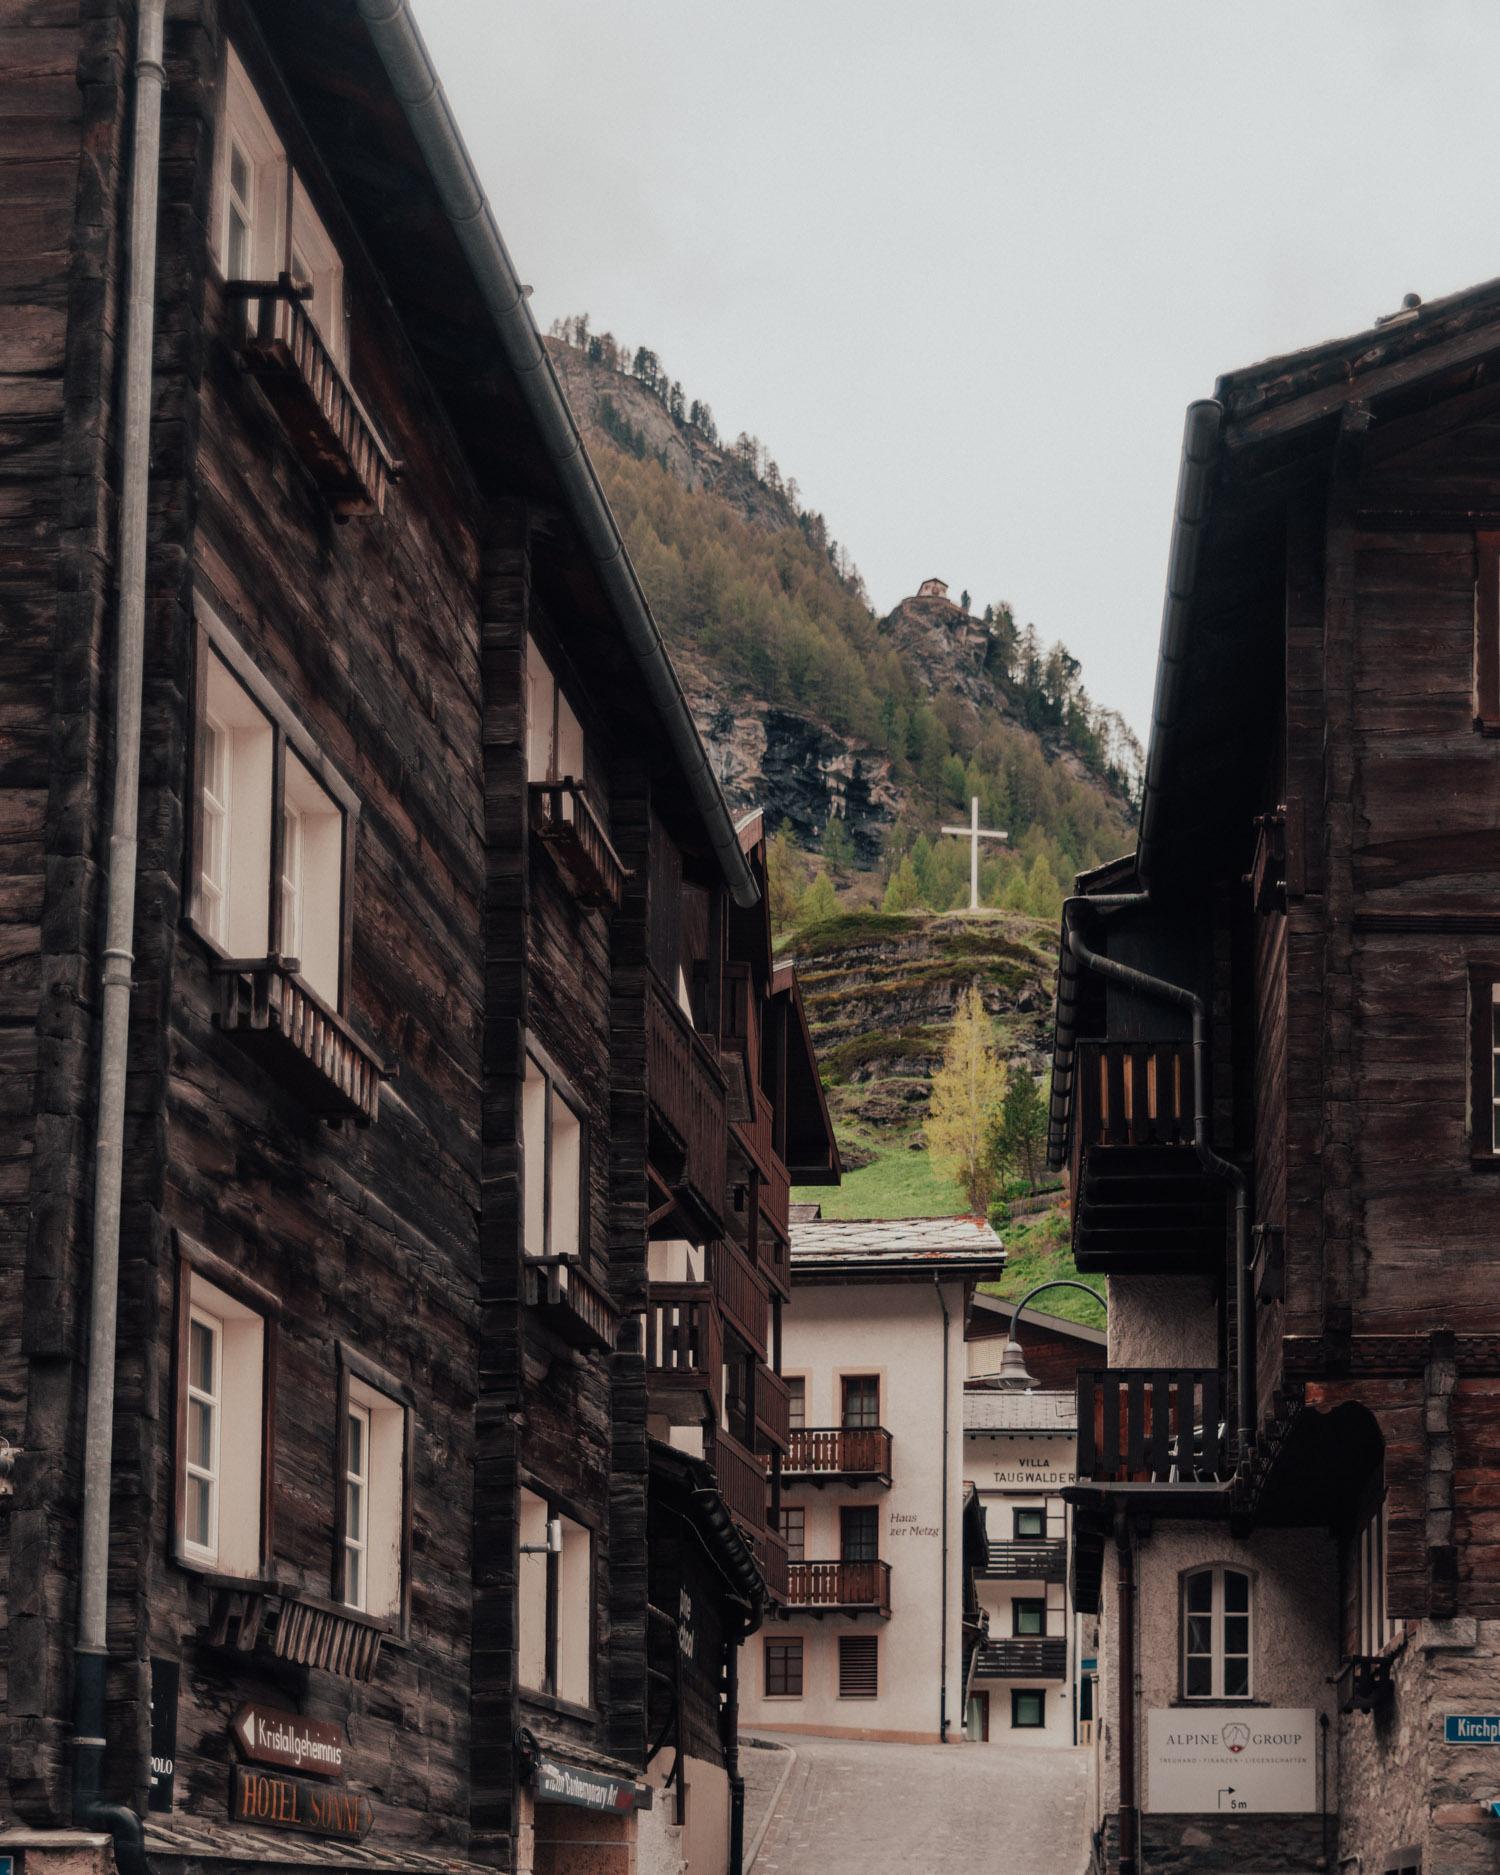 Old part of the village in Zermatt